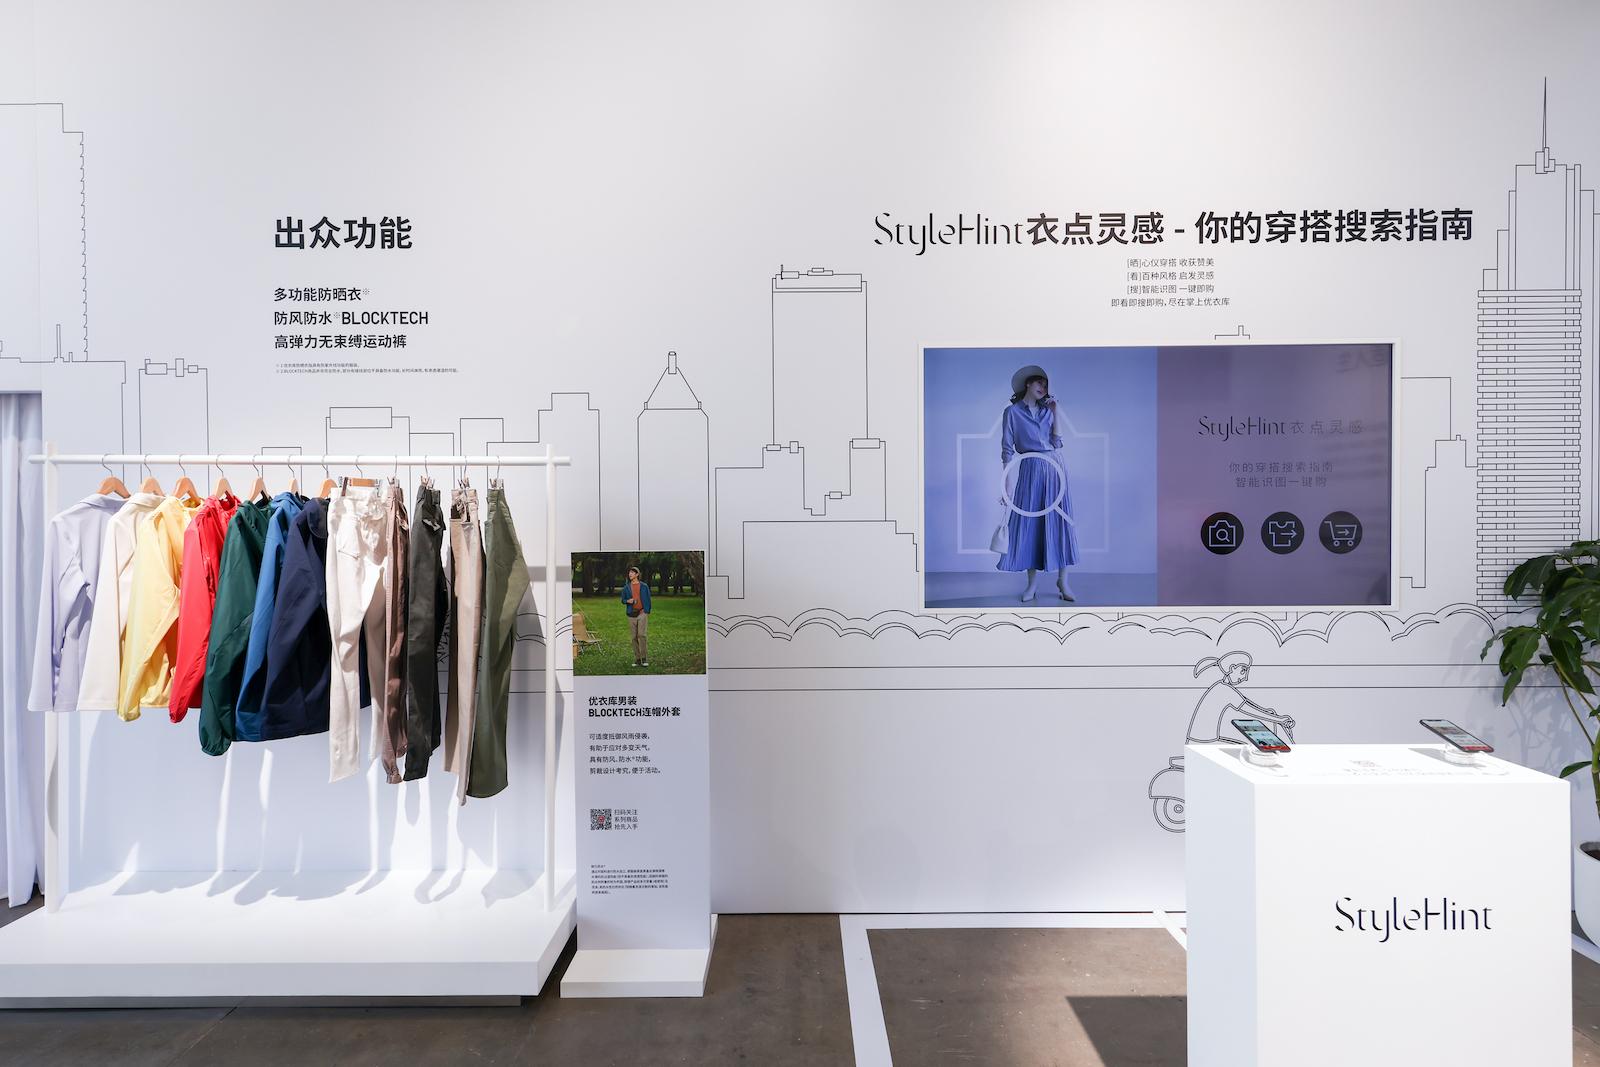 优衣库大中华CMO:每年新开80家门店,下沉至三四线城市